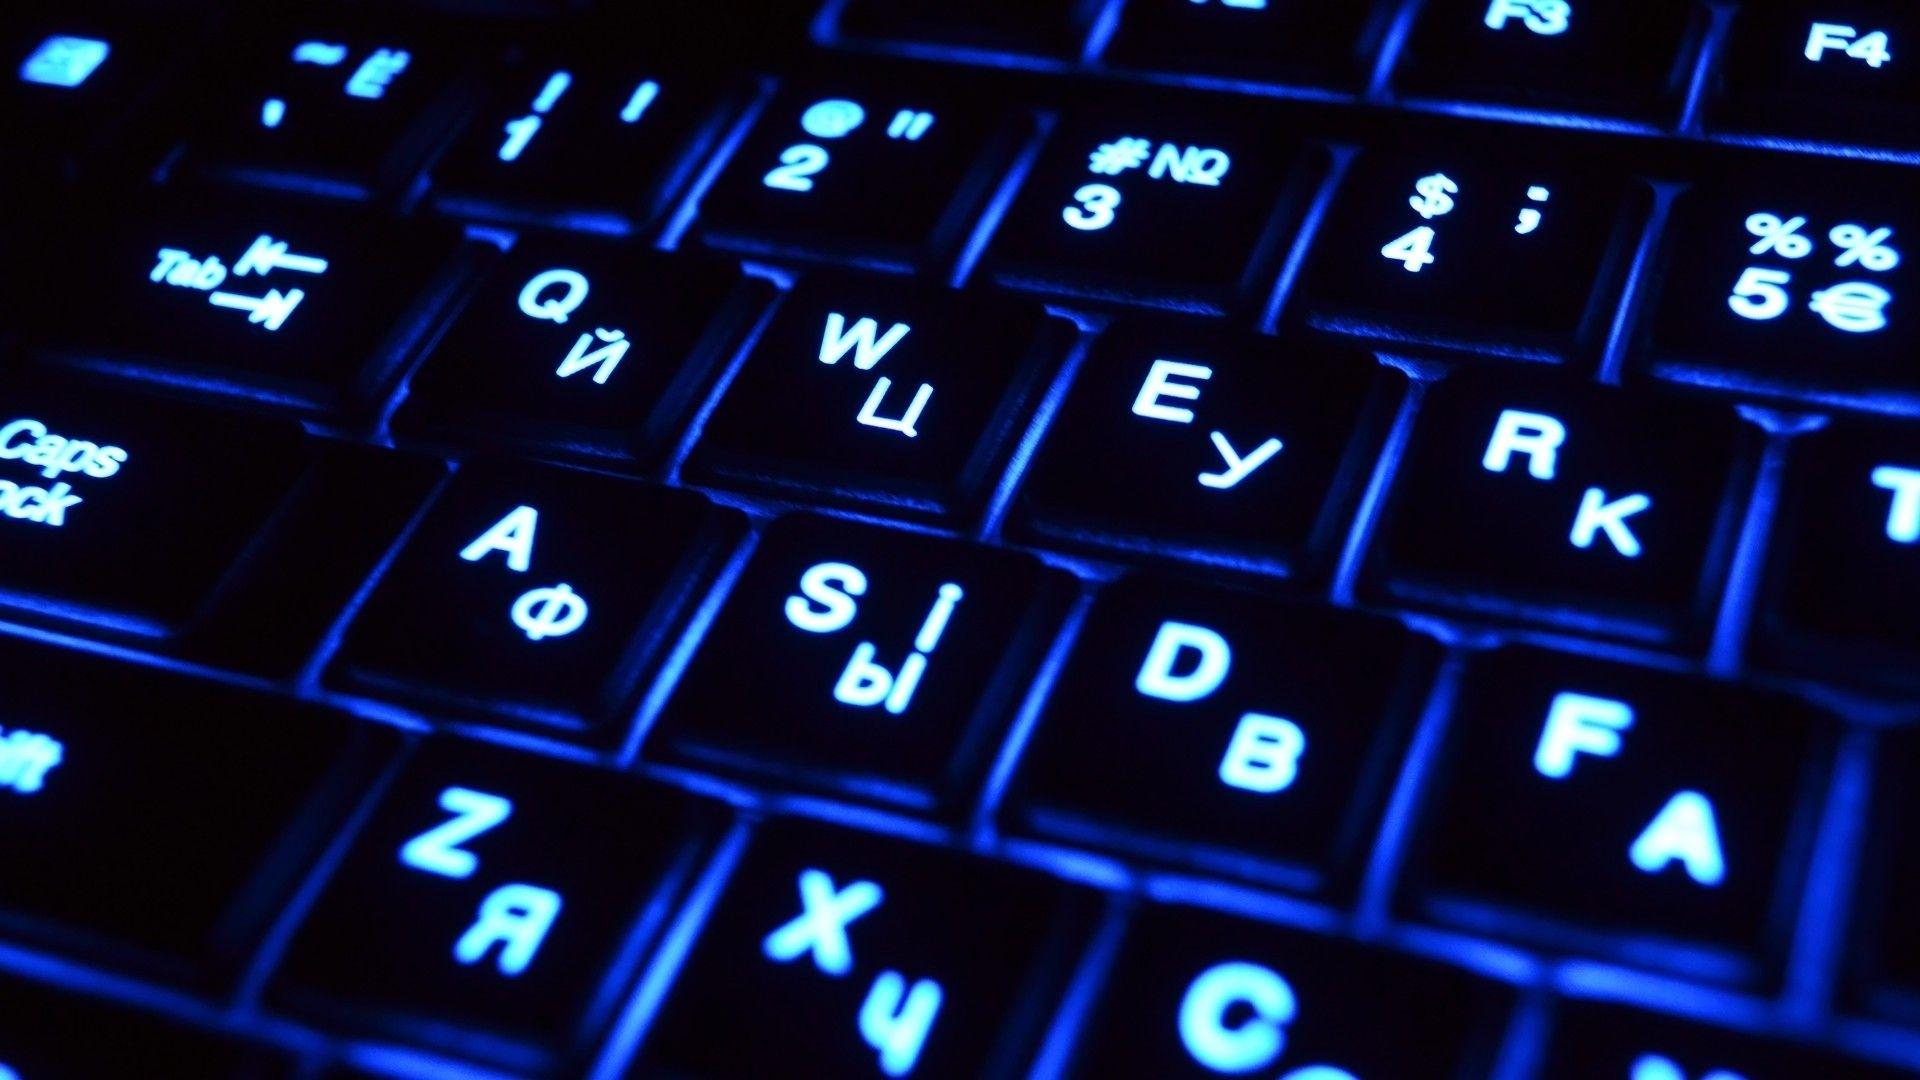 Windows 10 klavye eklemesi yapma